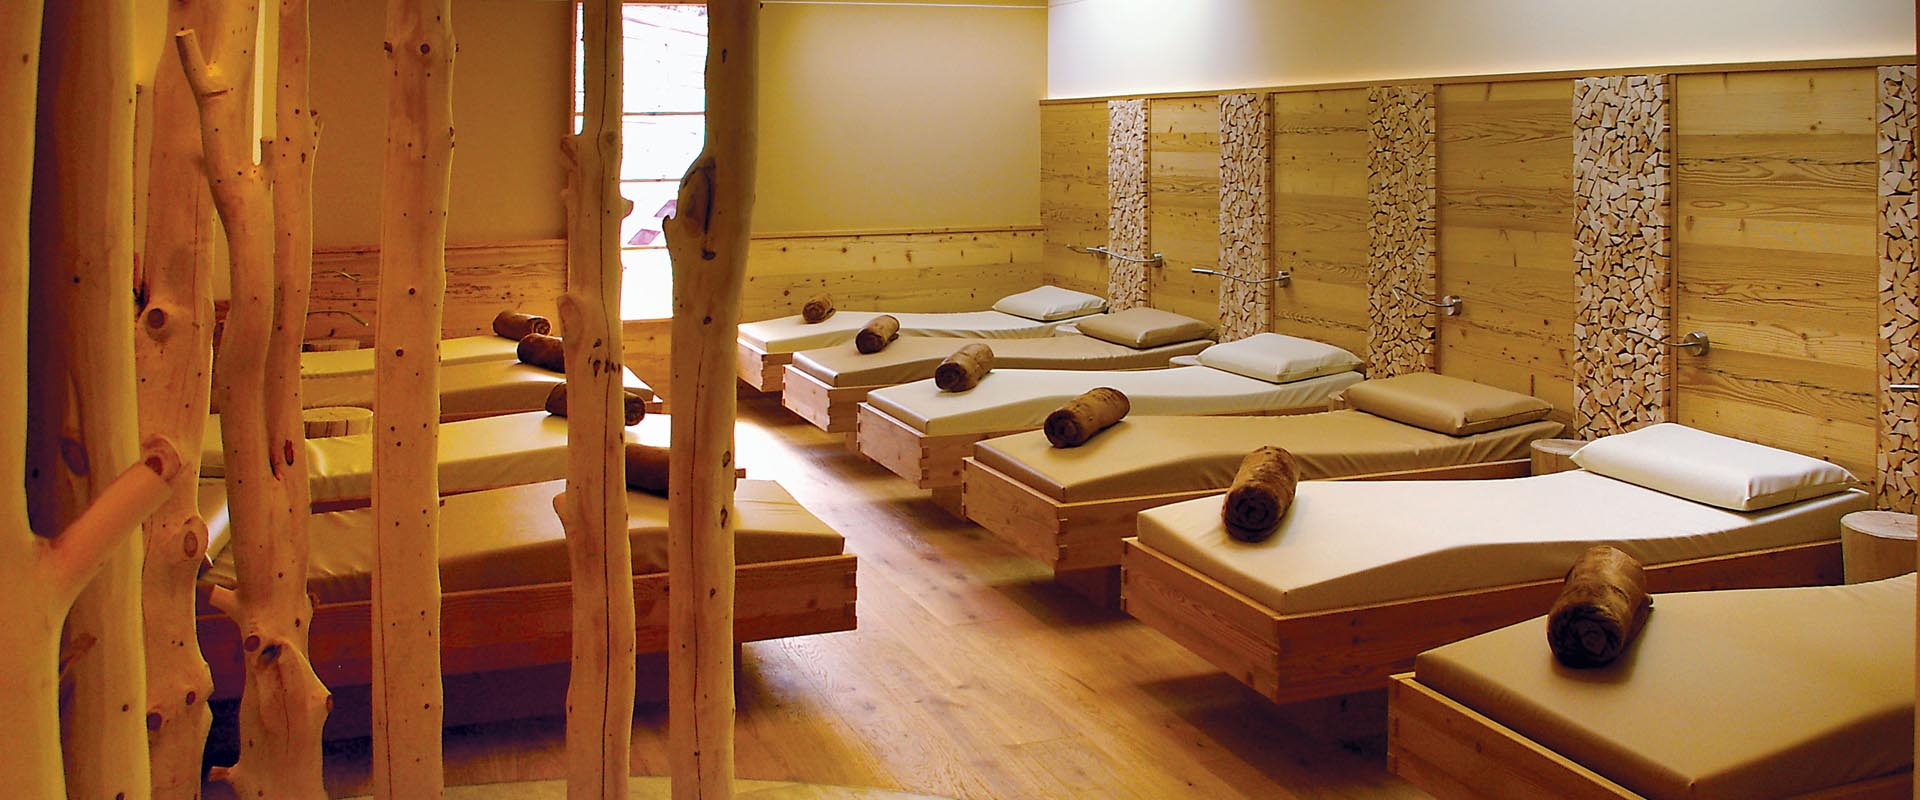 Massaggiatrici Bassano Del Grappa